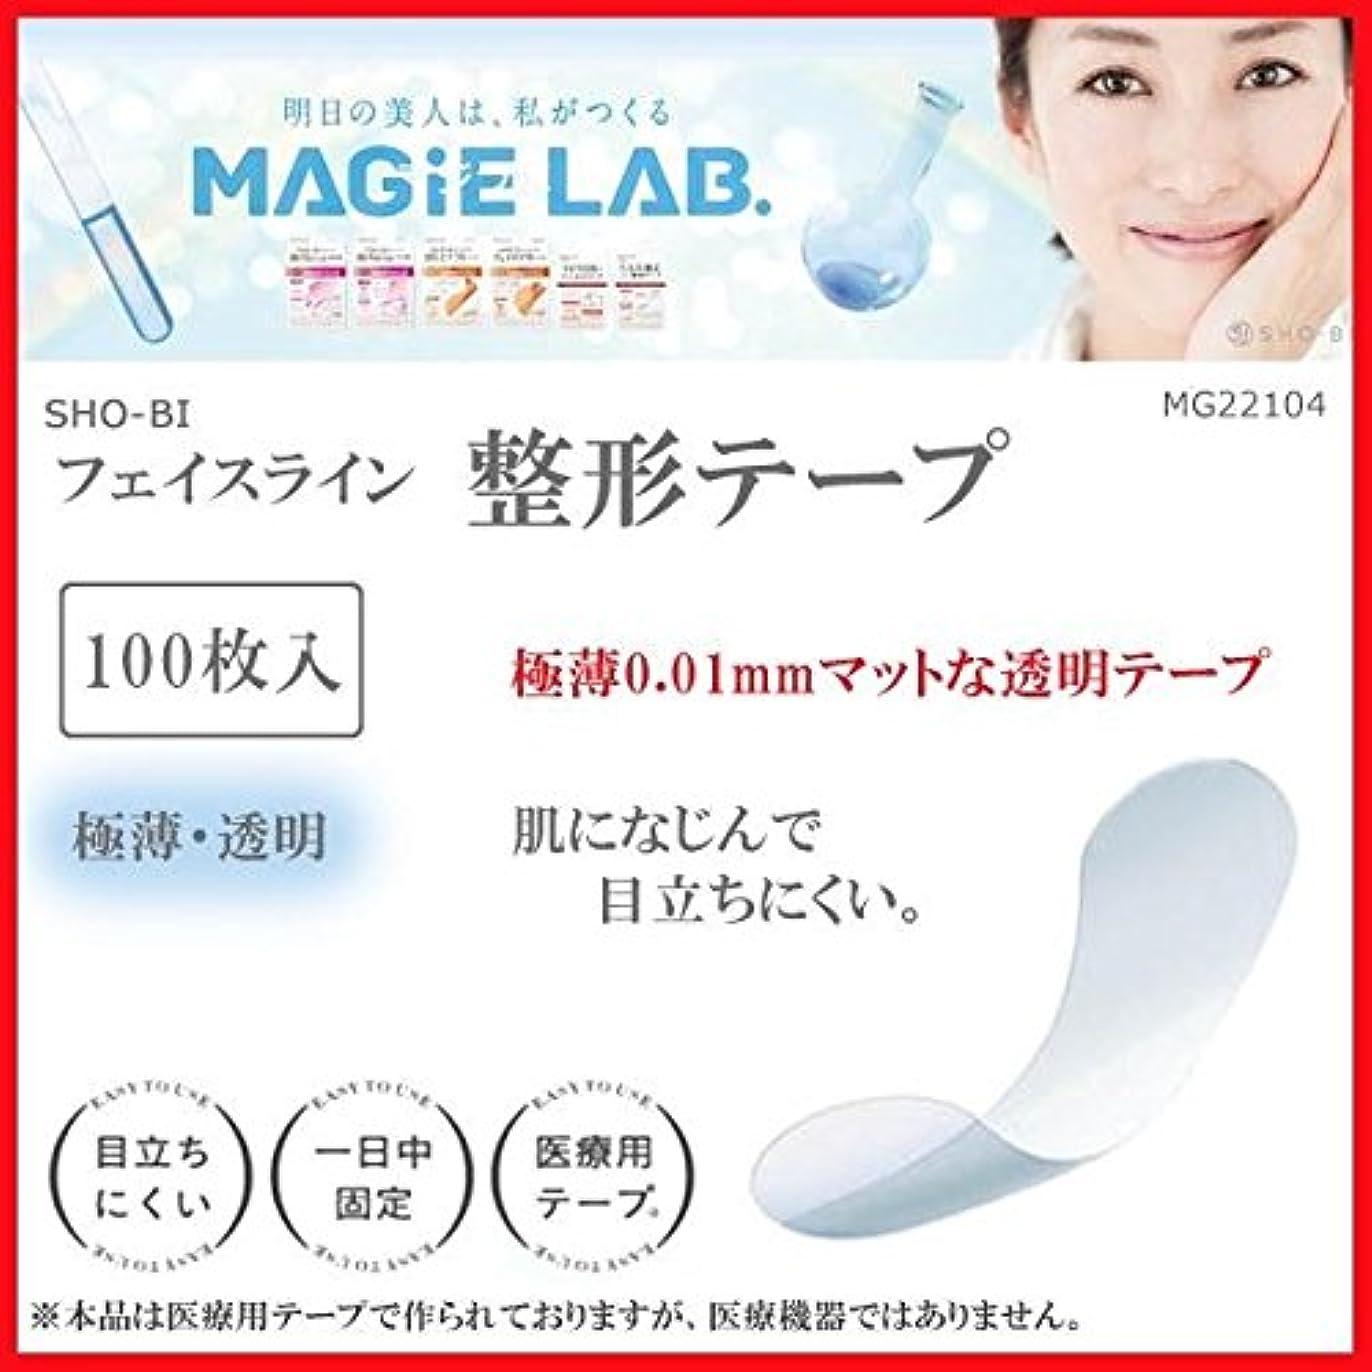 裁定設計図ベットSHO-BI MAGiE LAB.(マジラボ) フェイスライン整形テープ 100枚入 MG22104